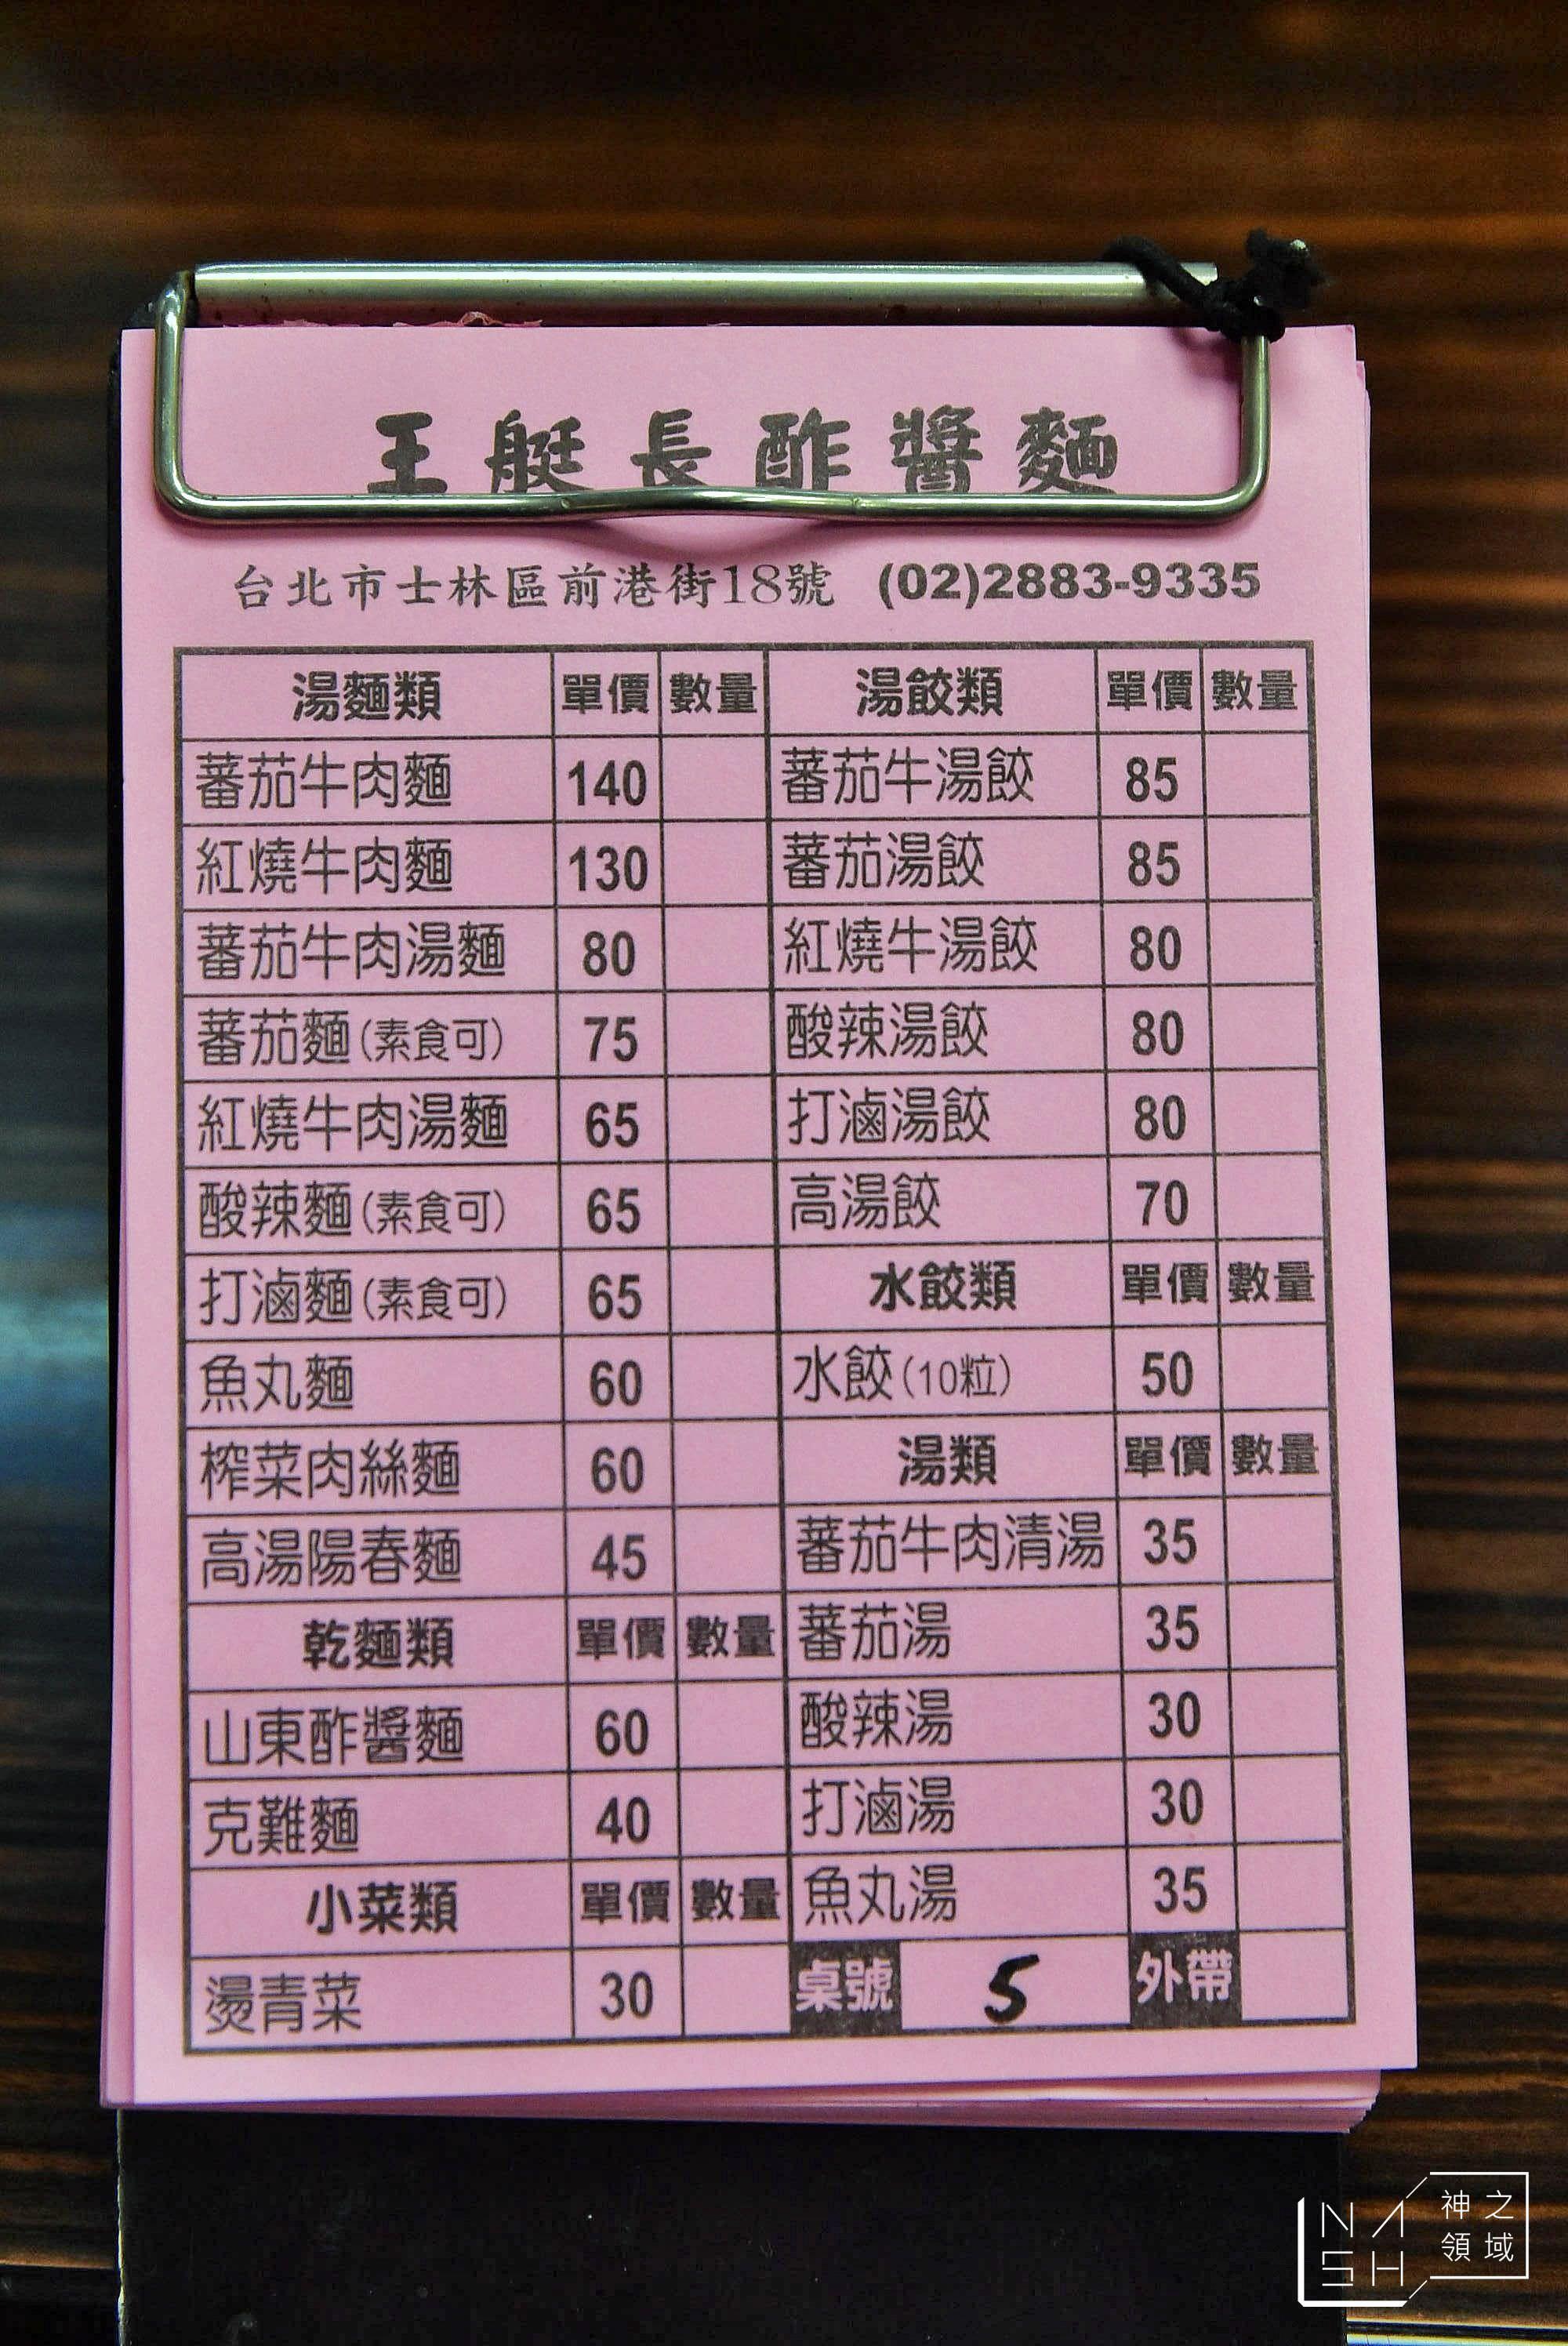 捷運劍潭美食推薦,前港美食推薦,王艇長酢醬麵,士林後港懶人包